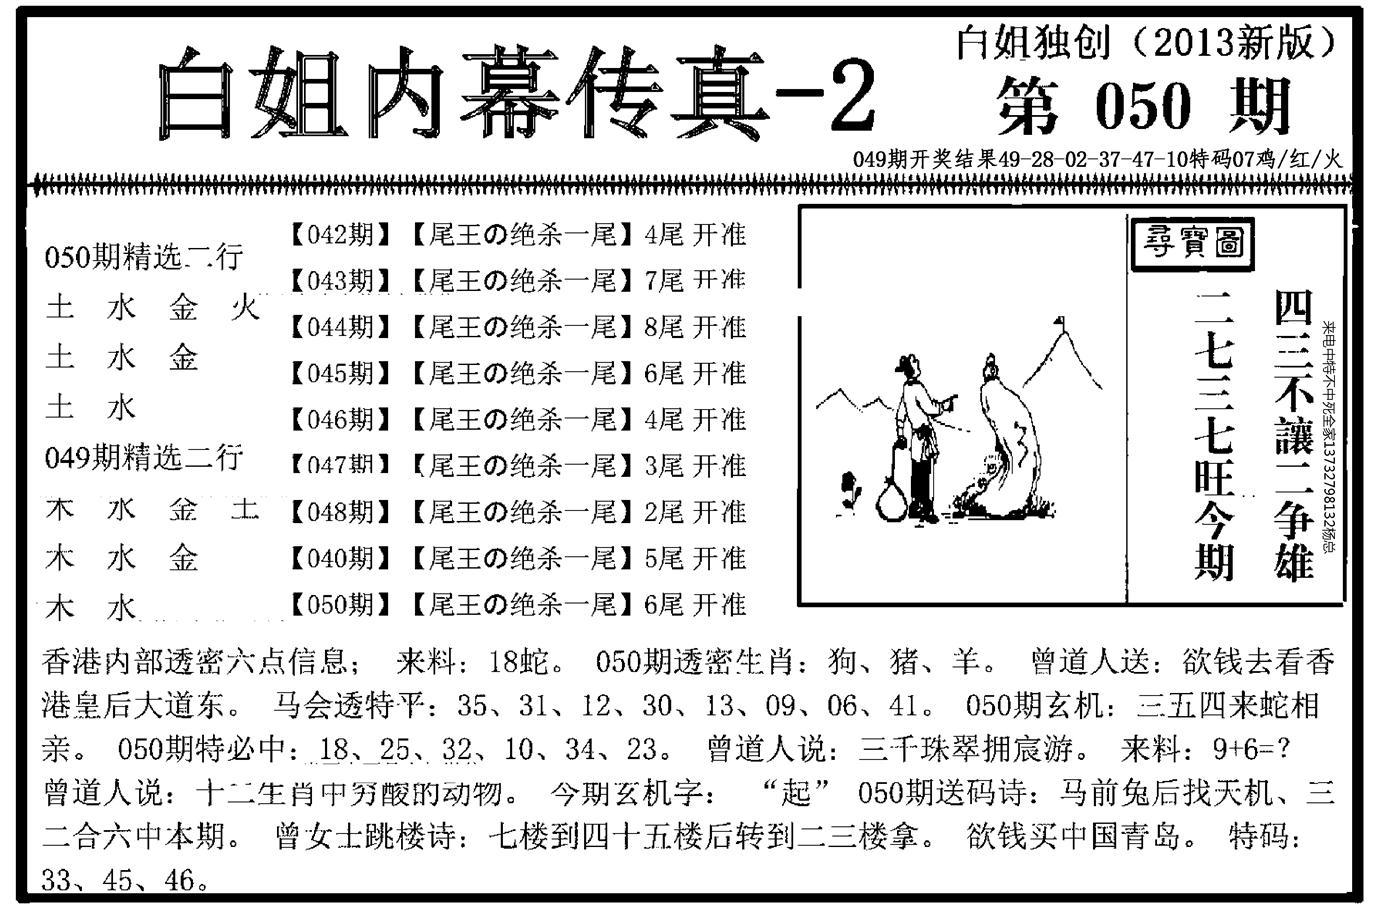 050期白姐内幕传真-2(黑白)